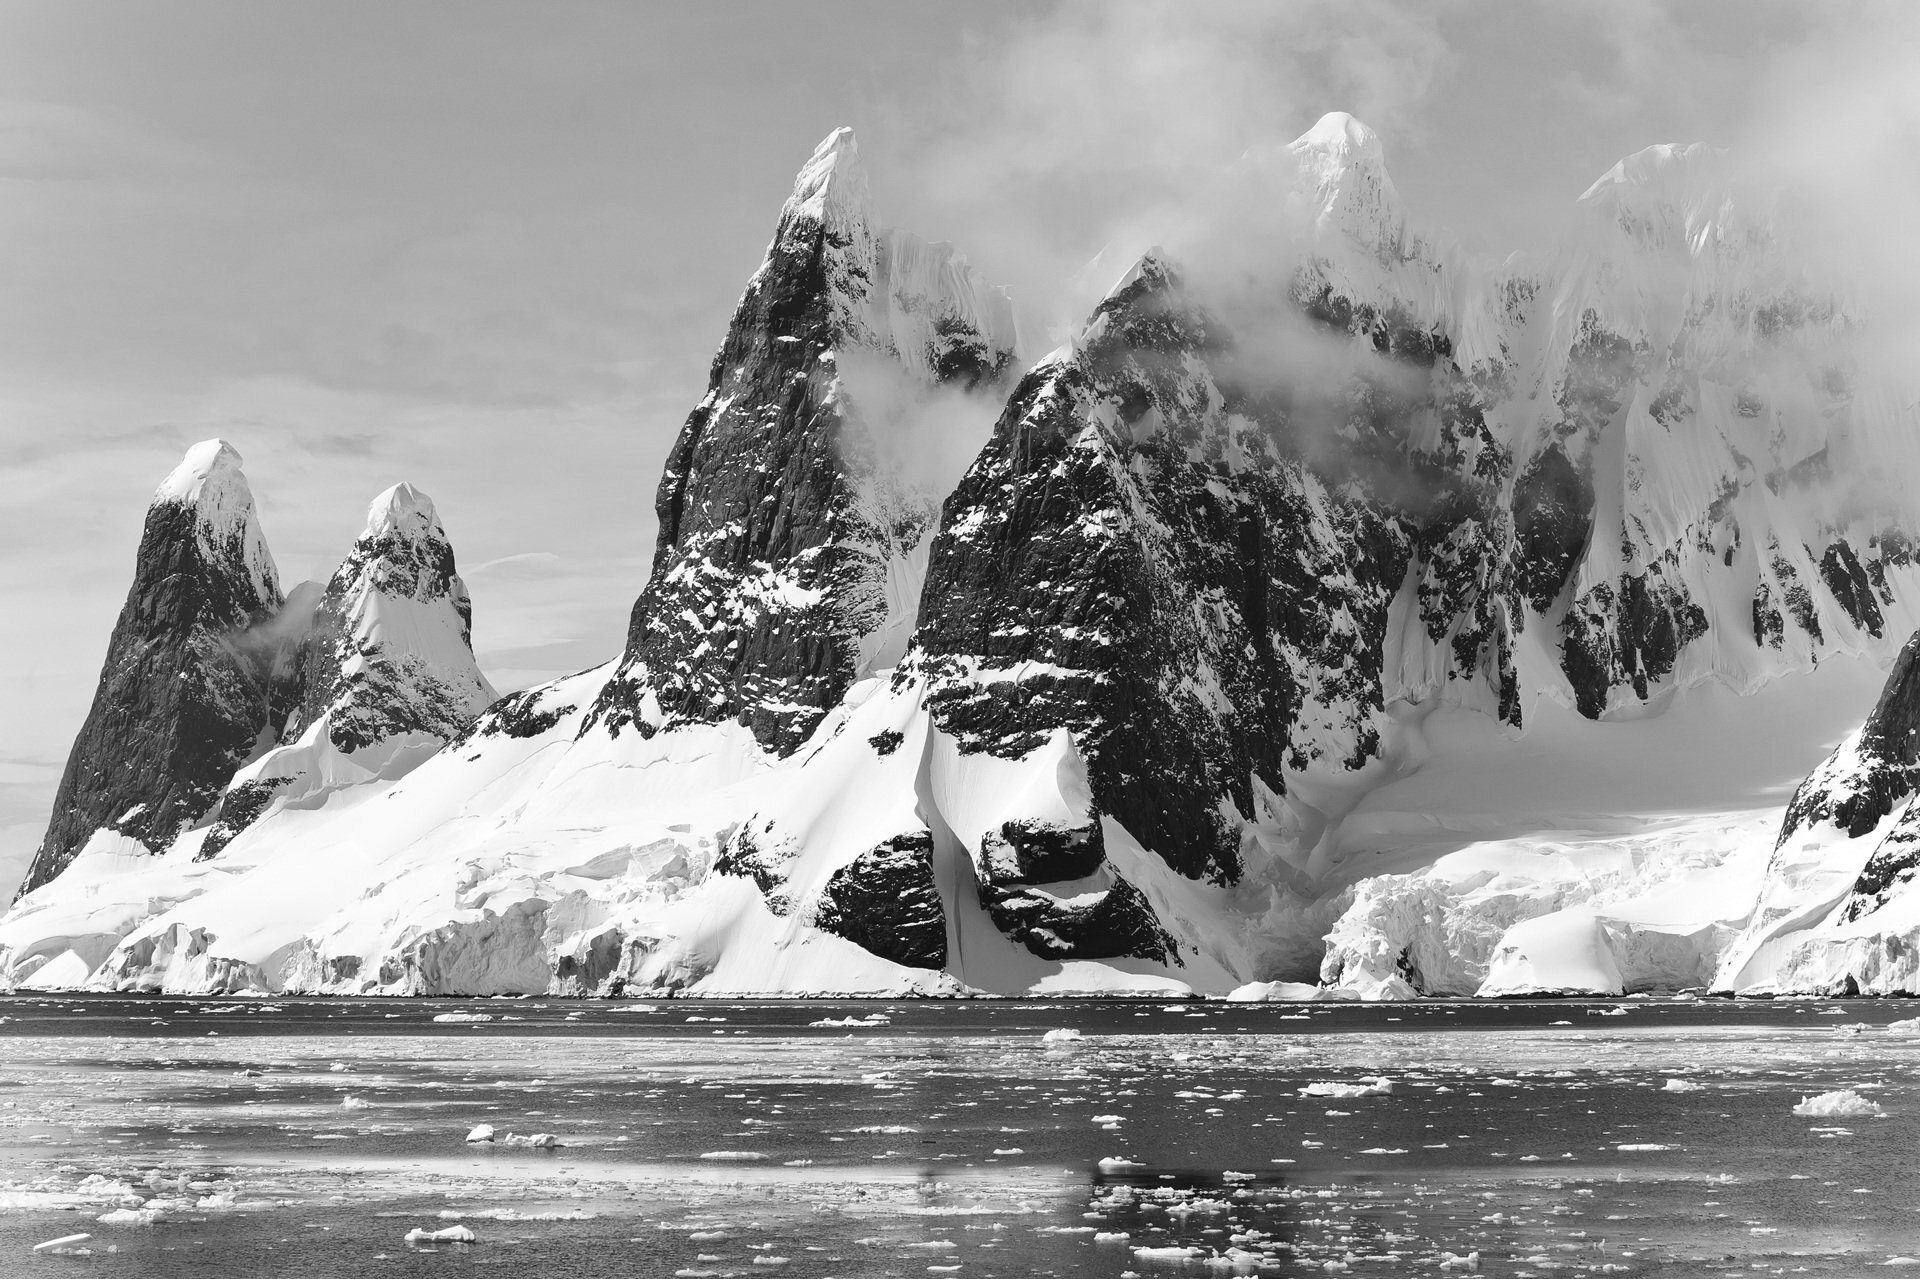 Montagnes enneigées près de l'océan